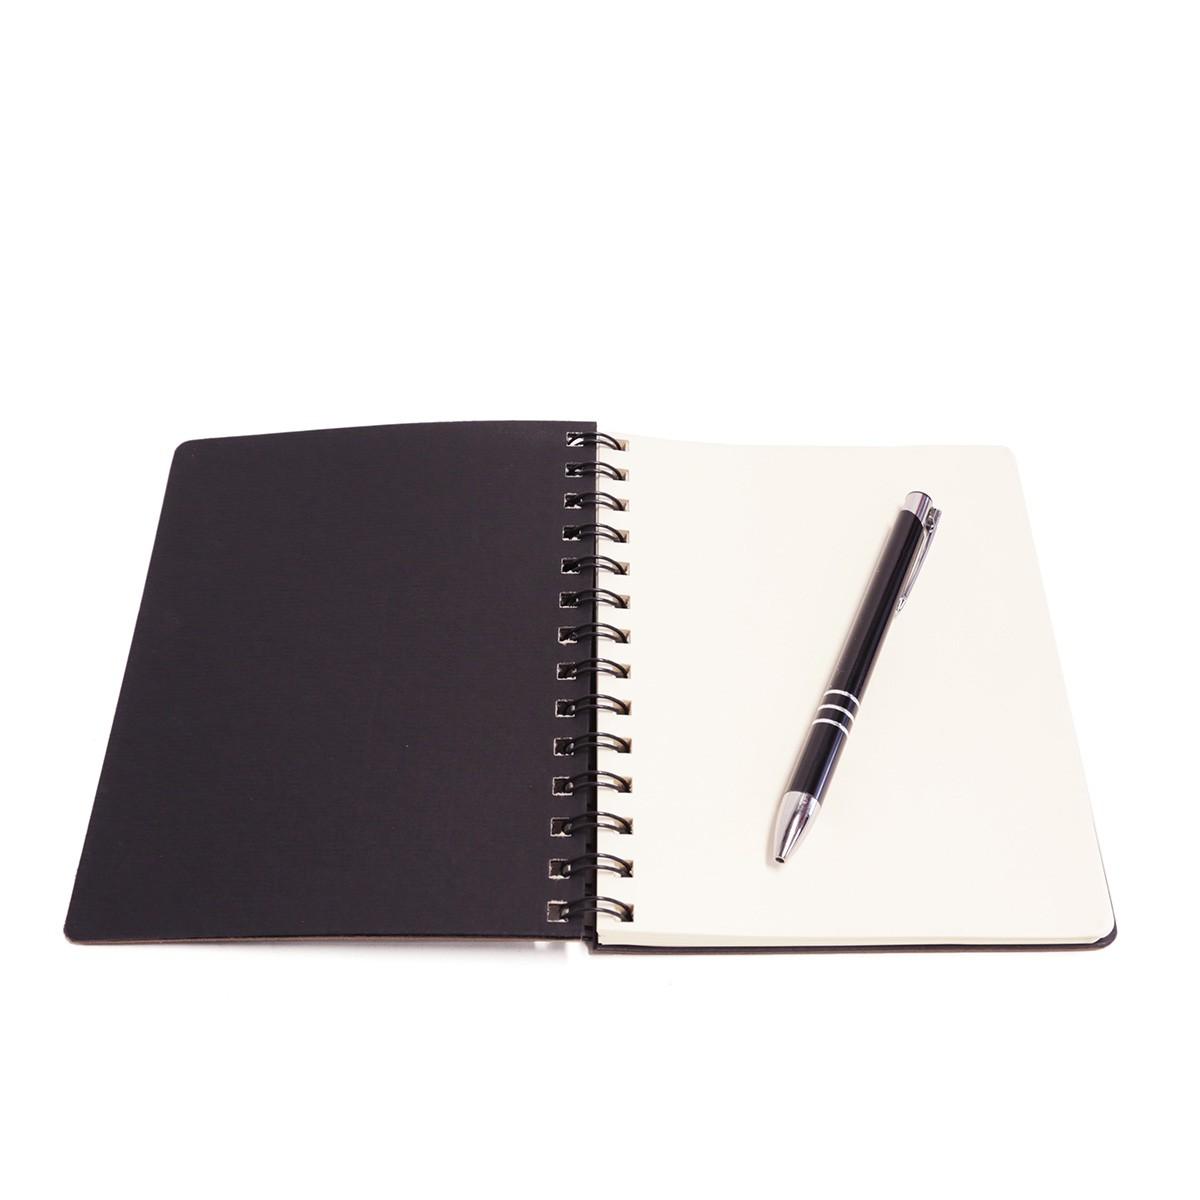 Caderno wire-o com caneta (Montana Fendi)